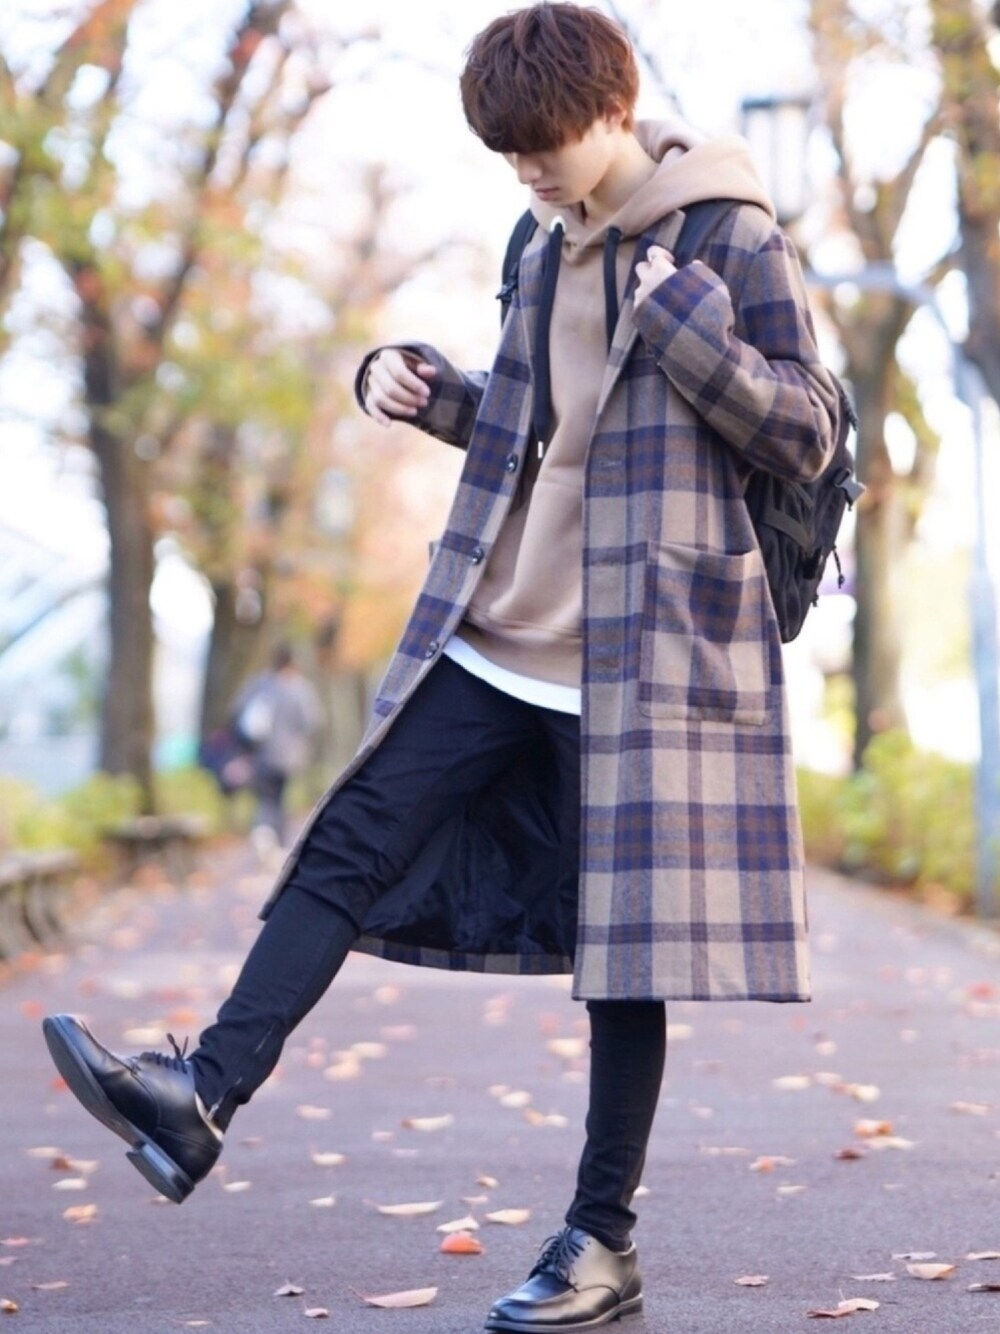 ヨーカドー ビルド 流行ファッション ビックサイズ感 おっさんに関連した画像-08